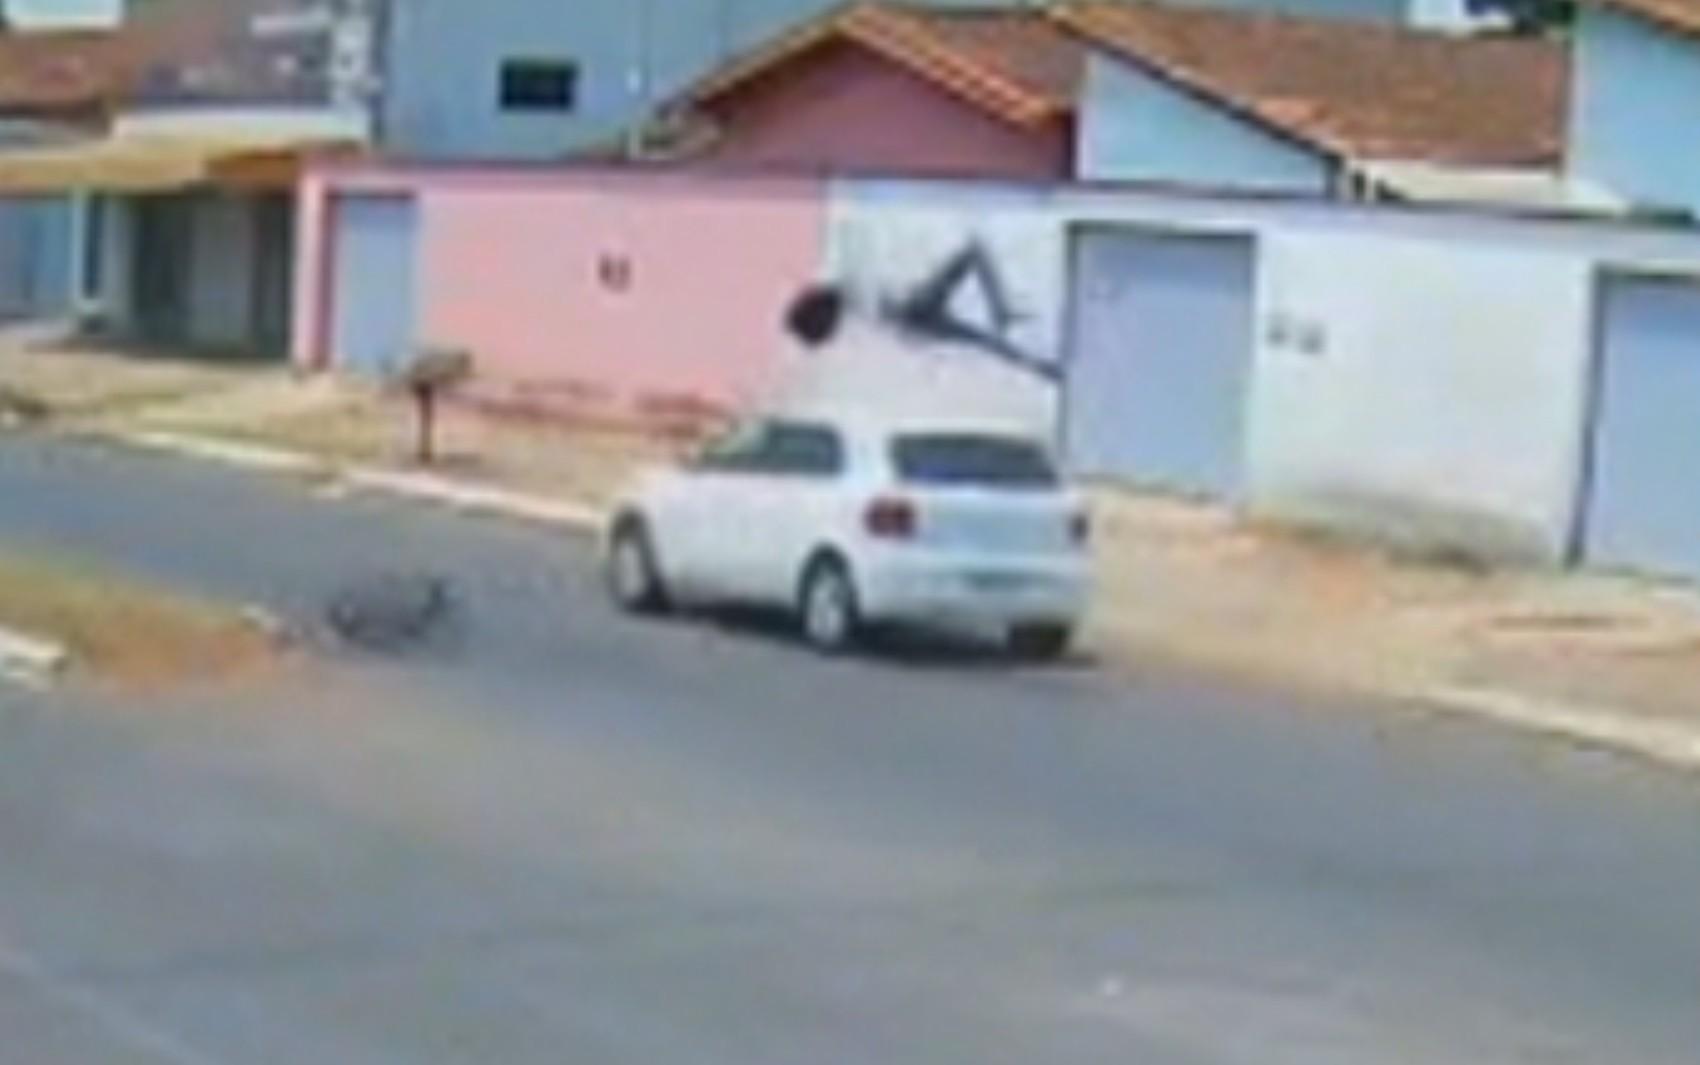 Ciclista é arremessado e gira no ar após ser atingido por carro em avenida de Itaberaí; vídeo